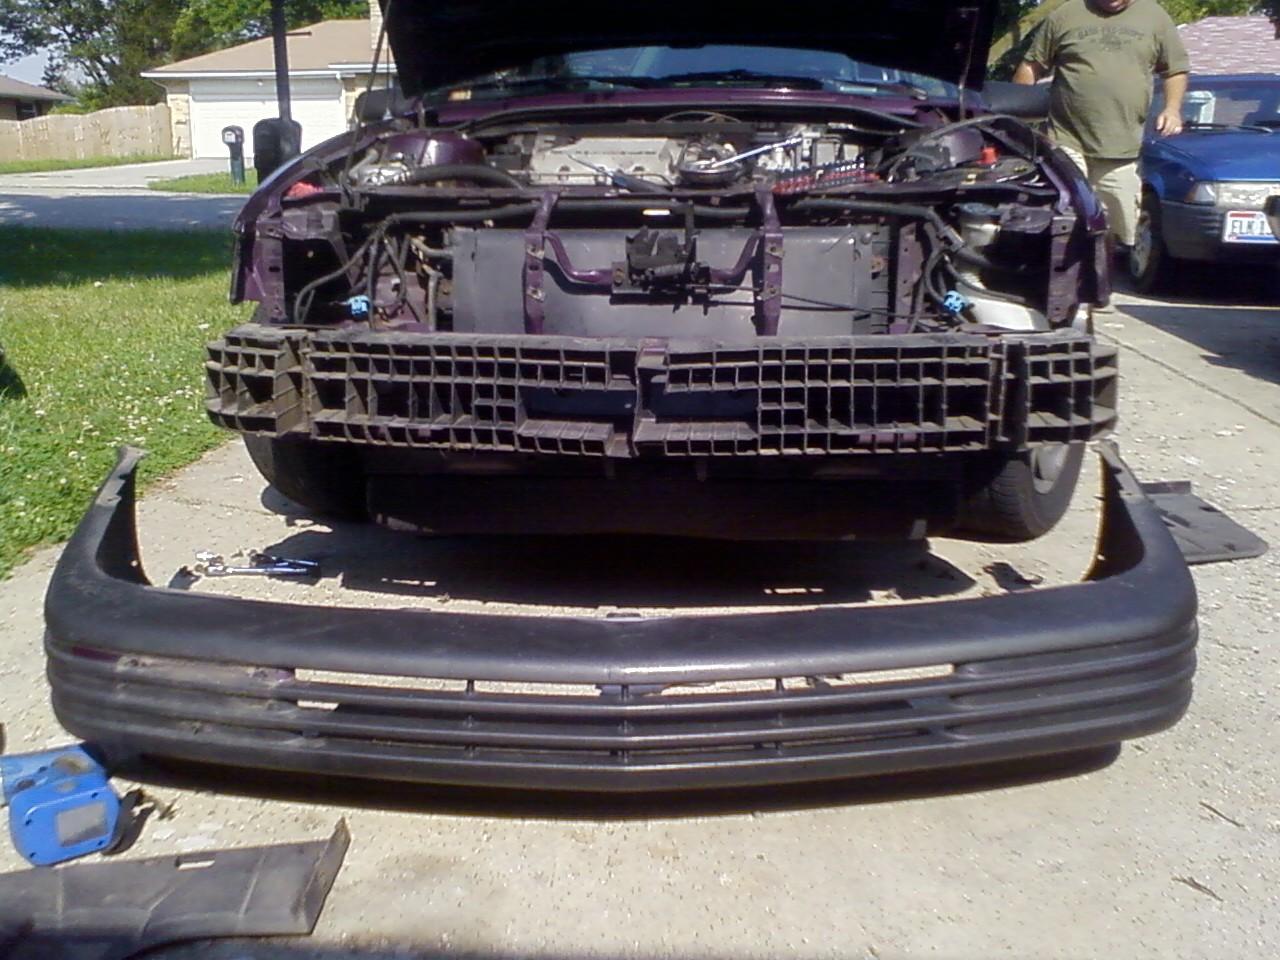 2003 chevy cavalier bumper